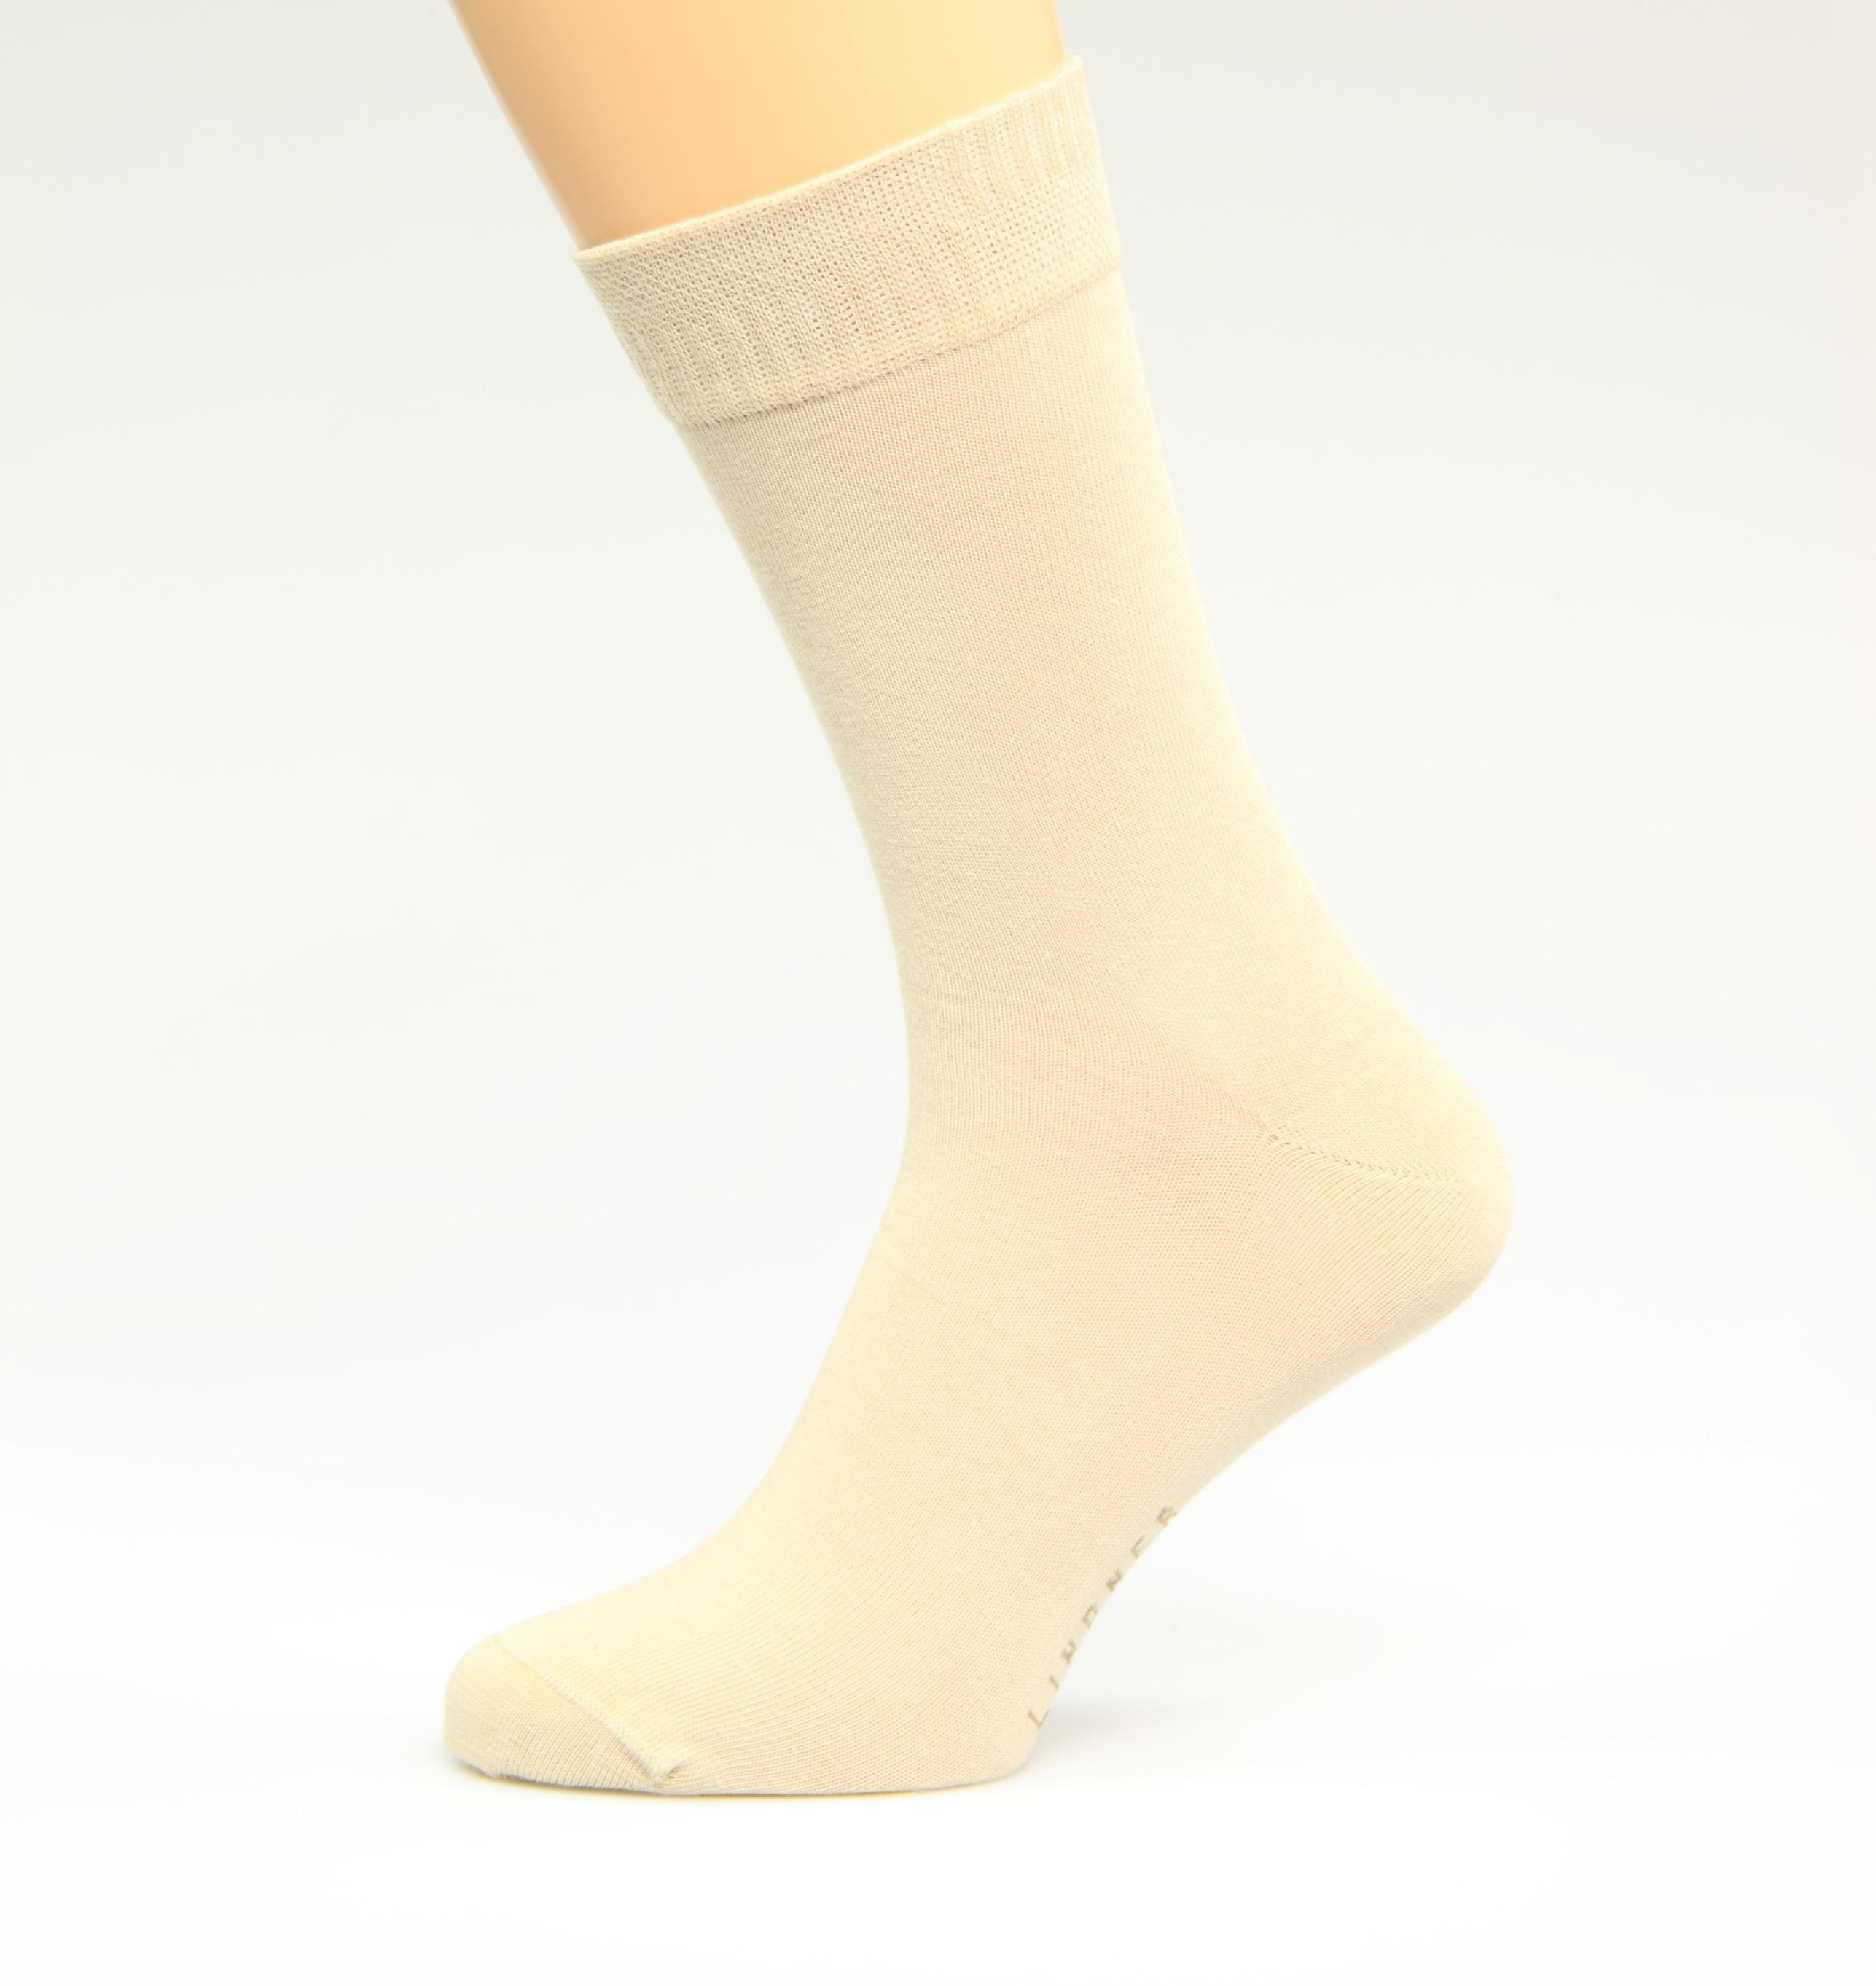 Diabetiker-Socken-beige-Gr-sse-45-47